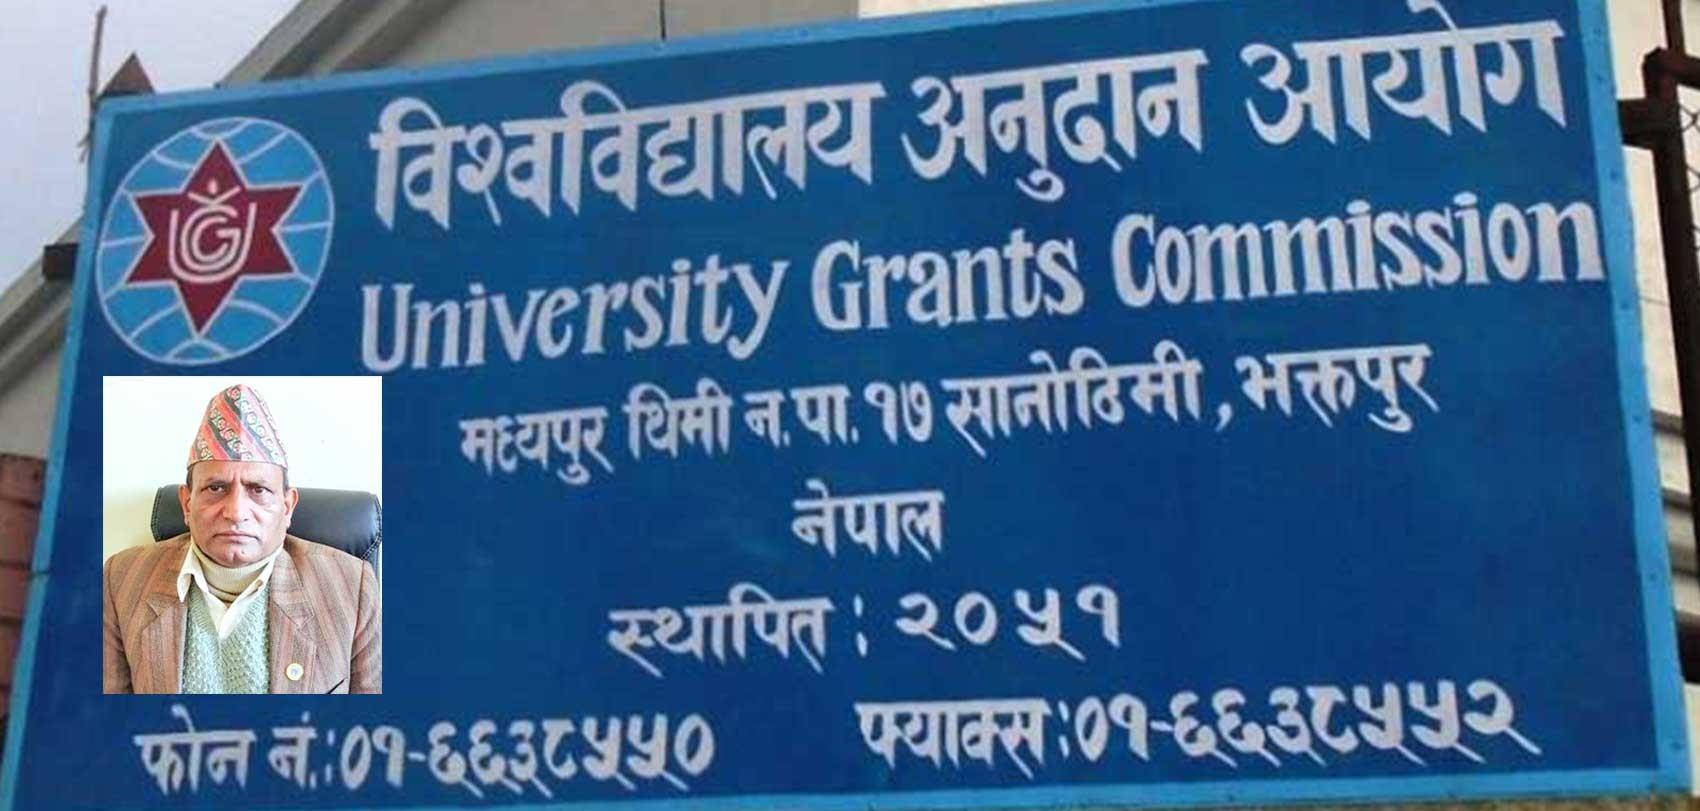 विश्वविद्यालय अनुदान  आयोगमा असारे खर्च : सम्पूर्ण अधिकृत र पदाधिकारी विदेश भ्रमणमा